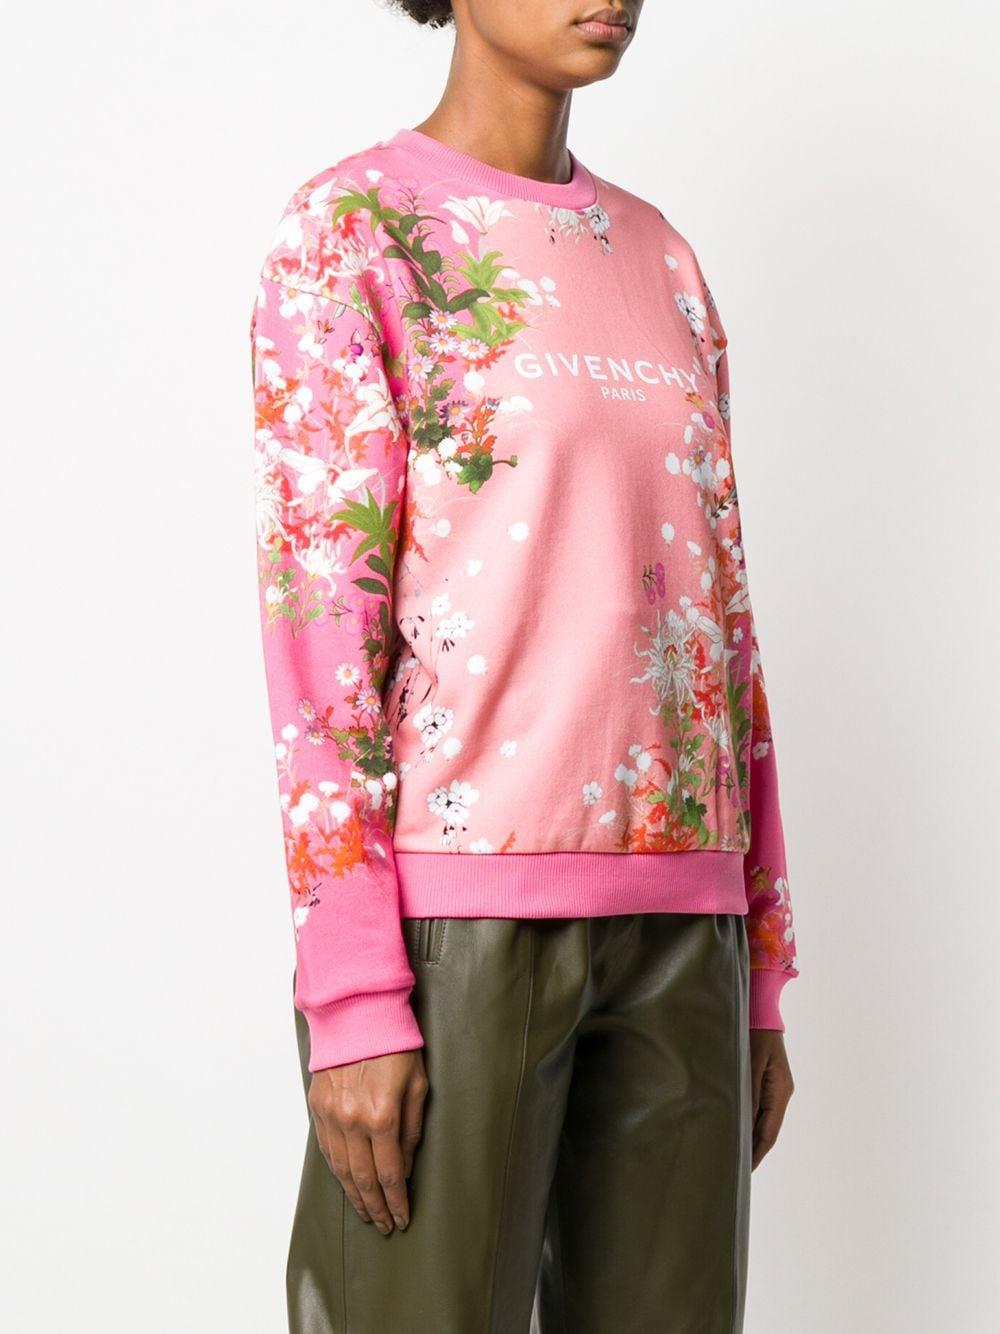 Sweat à logo et fleurs Coton Givenchy en coloris Rose - 13 % de réduction